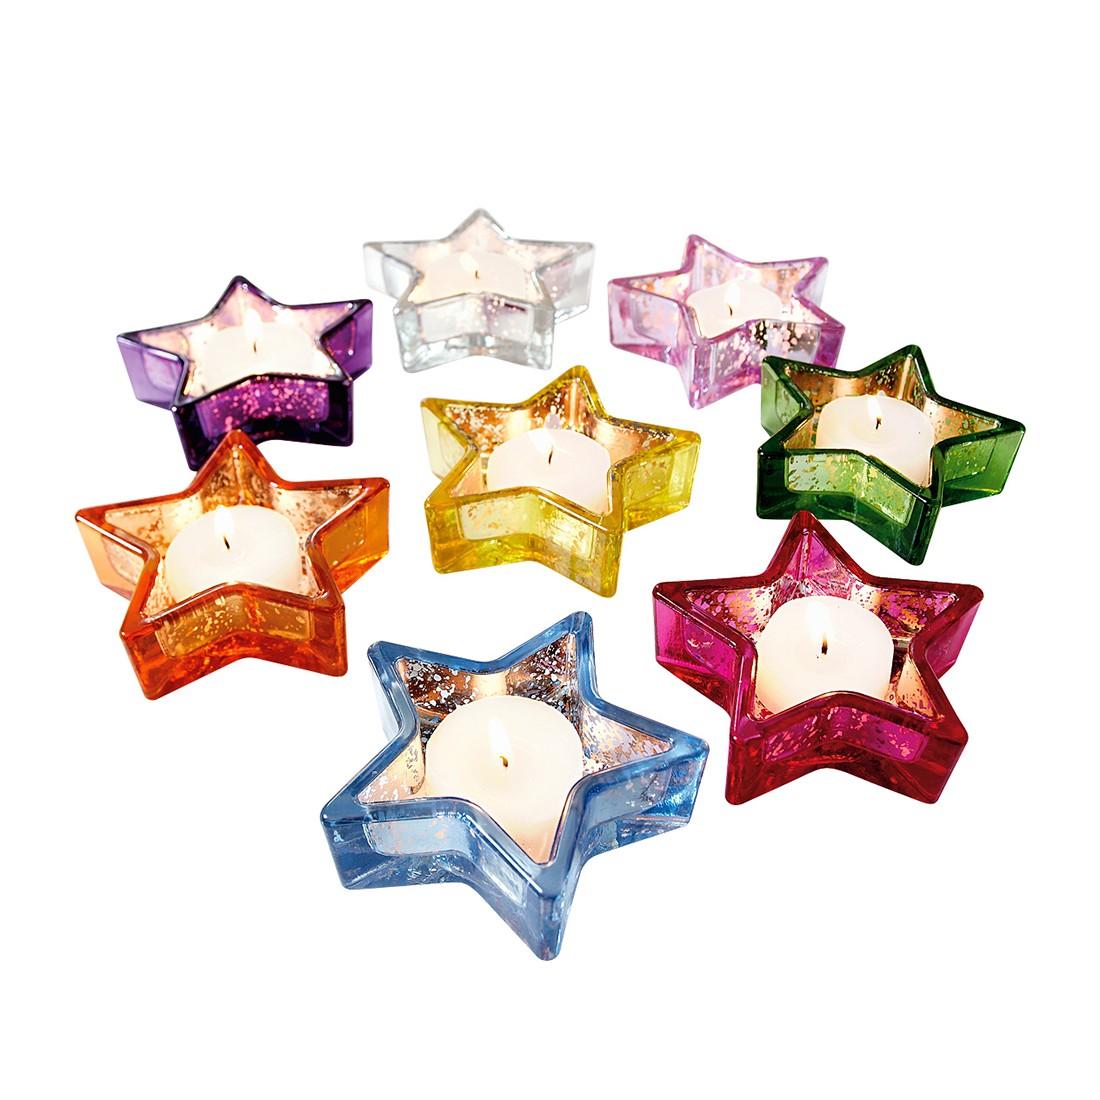 Teelichthalter Crazy Stars 8-teilig – Glas, Bunt, PureDay kaufen